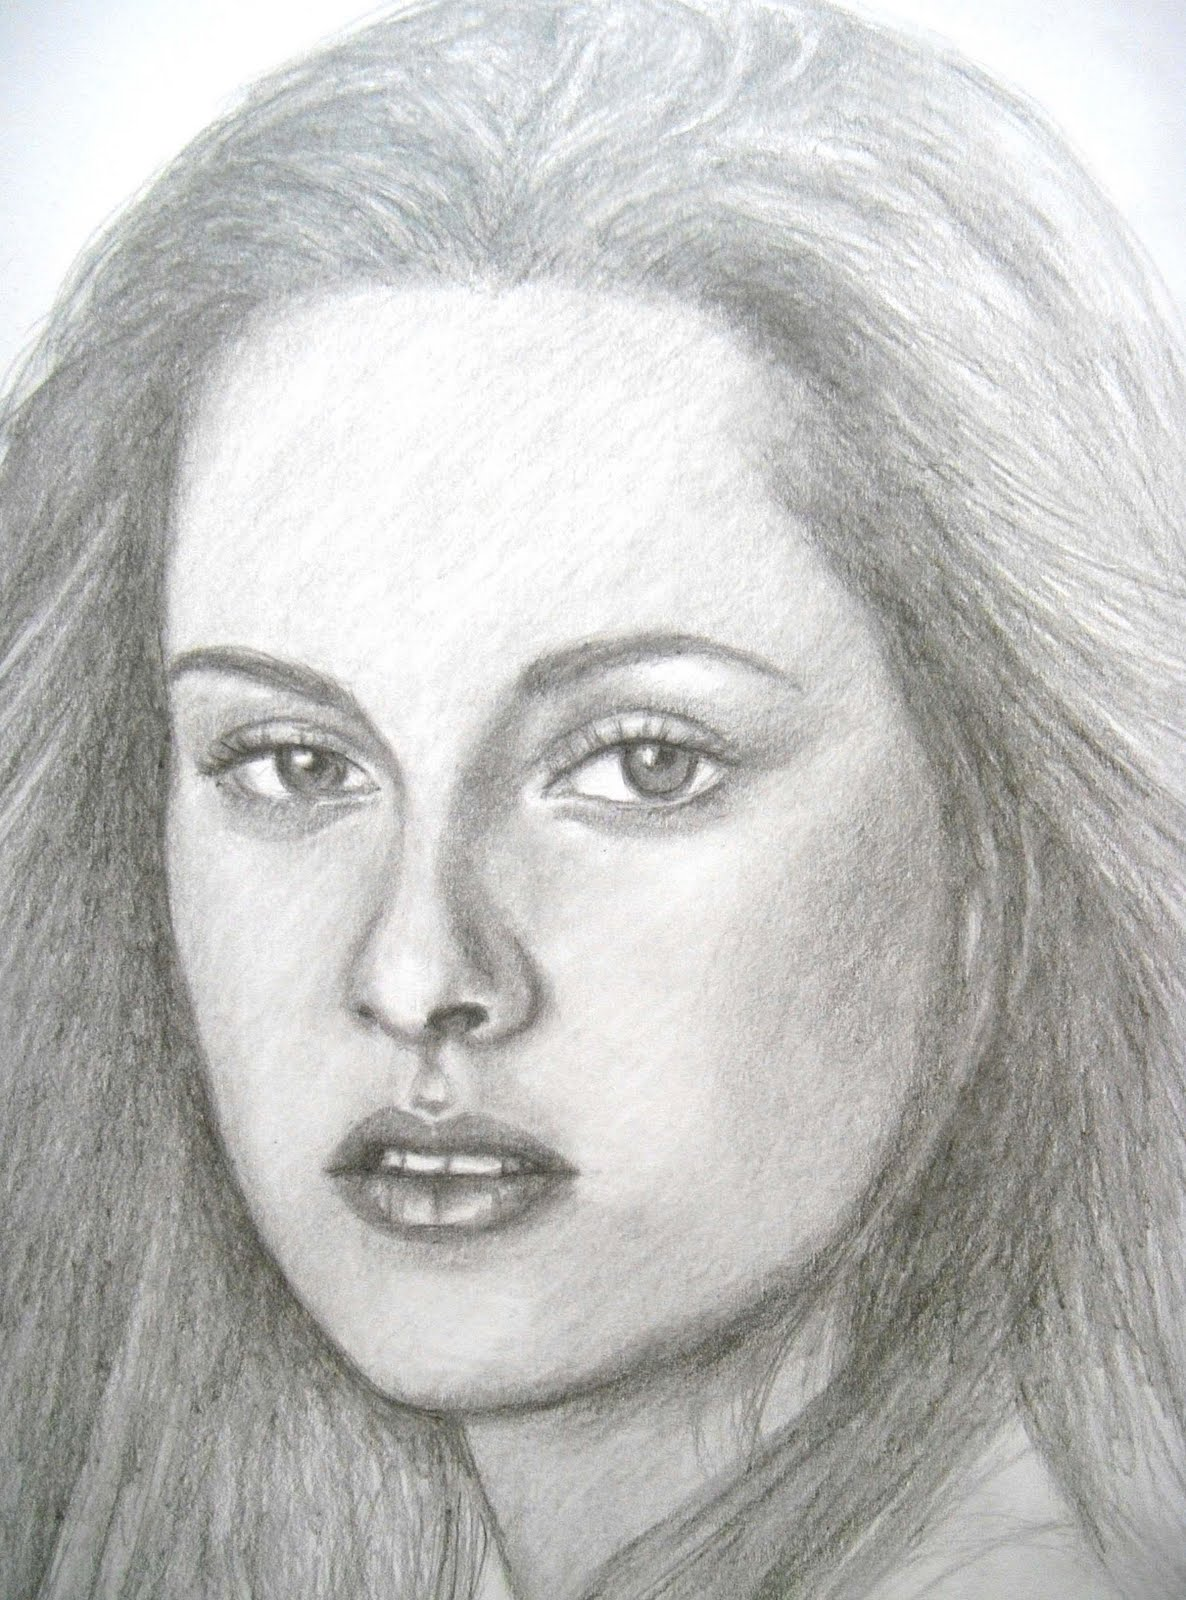 Grace In Progress: A pencil portrait of KRISTEN STEWART